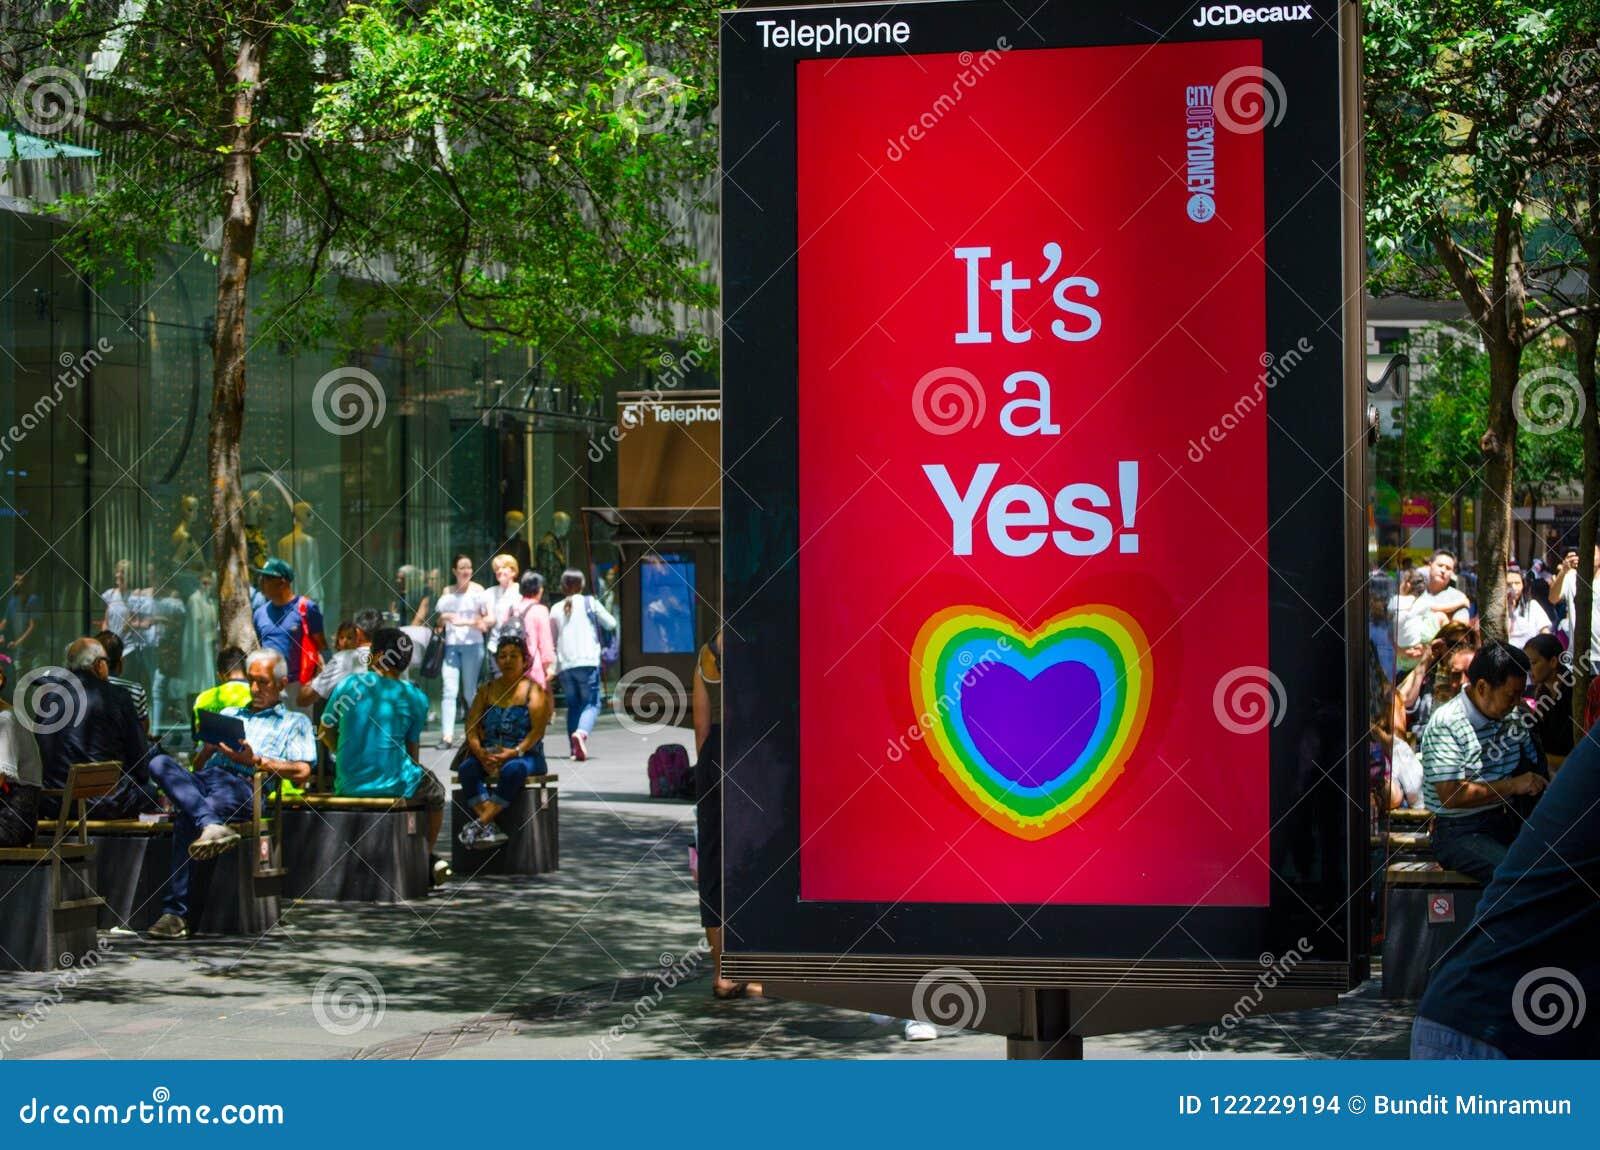 Miasto Sydney rada podporowy małżeństwo pary tej samej płci z kierową tęczą na parawanowym monitorze mówi ` Ja ` s tak! ` sztanda